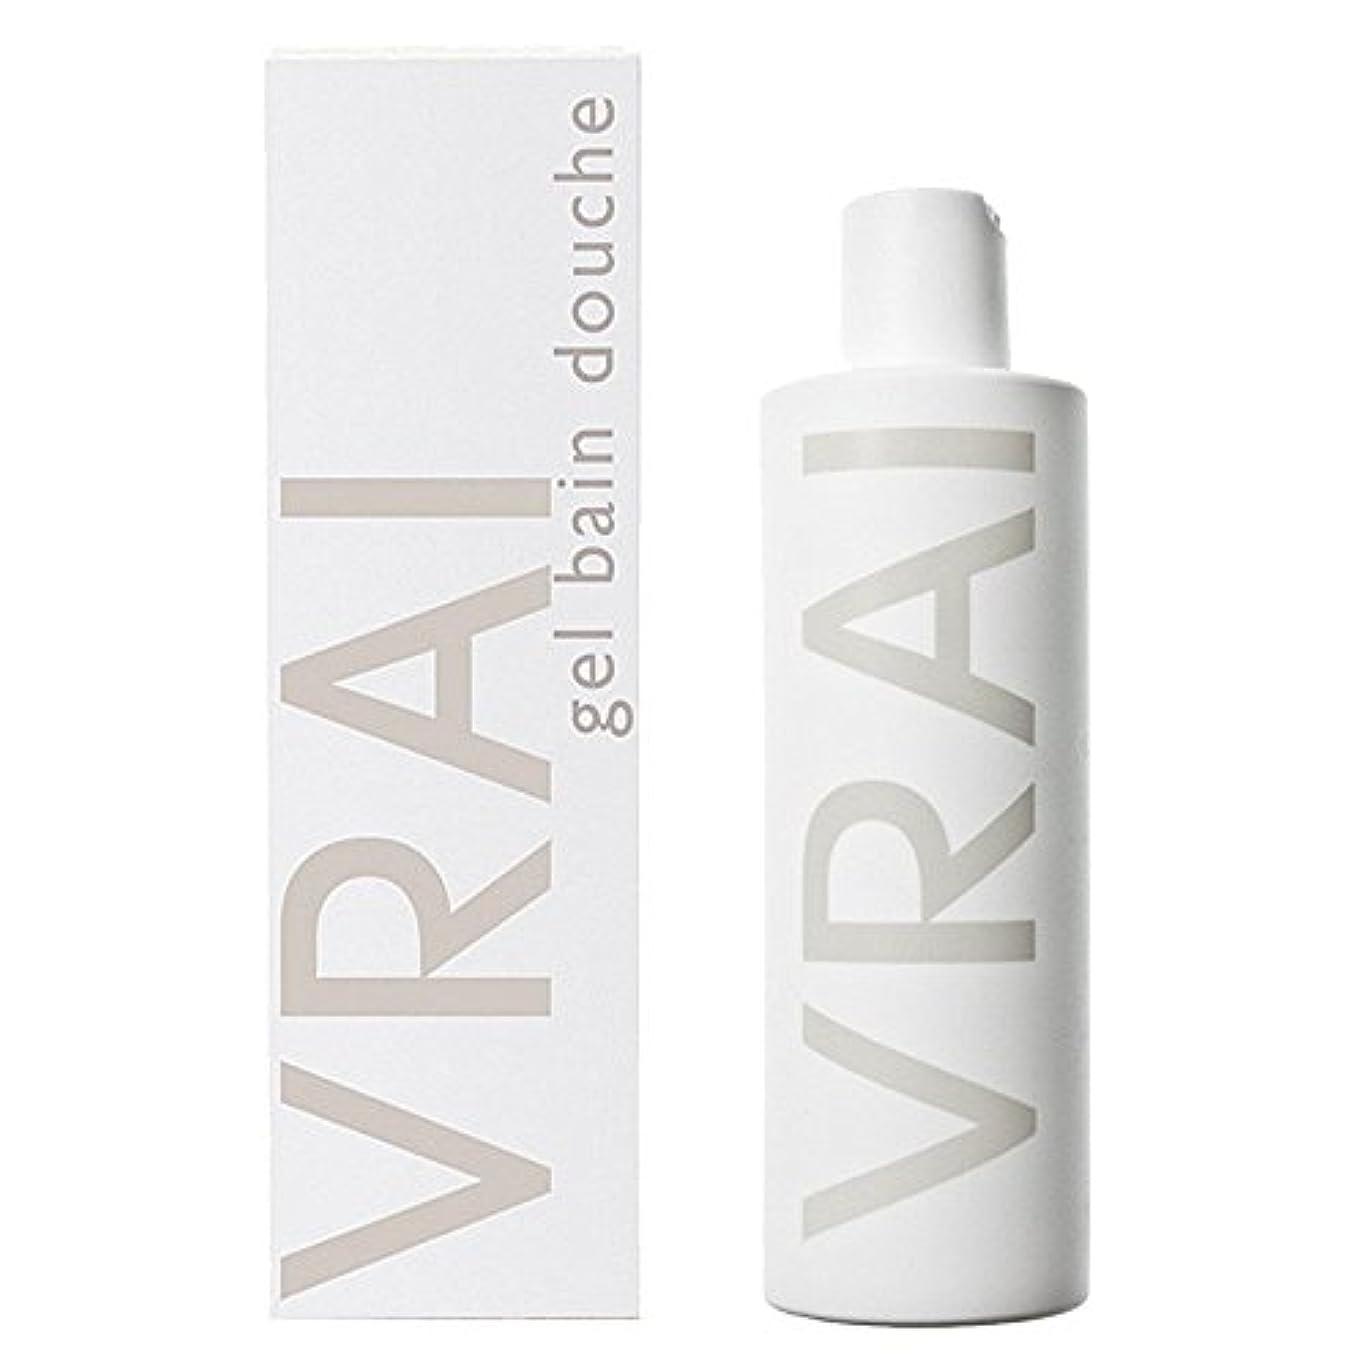 十一恐怖症何よりもFragonard VRAI (フラゴナール ブライ) 8.3 oz (250ml) Bath & Shower Gel